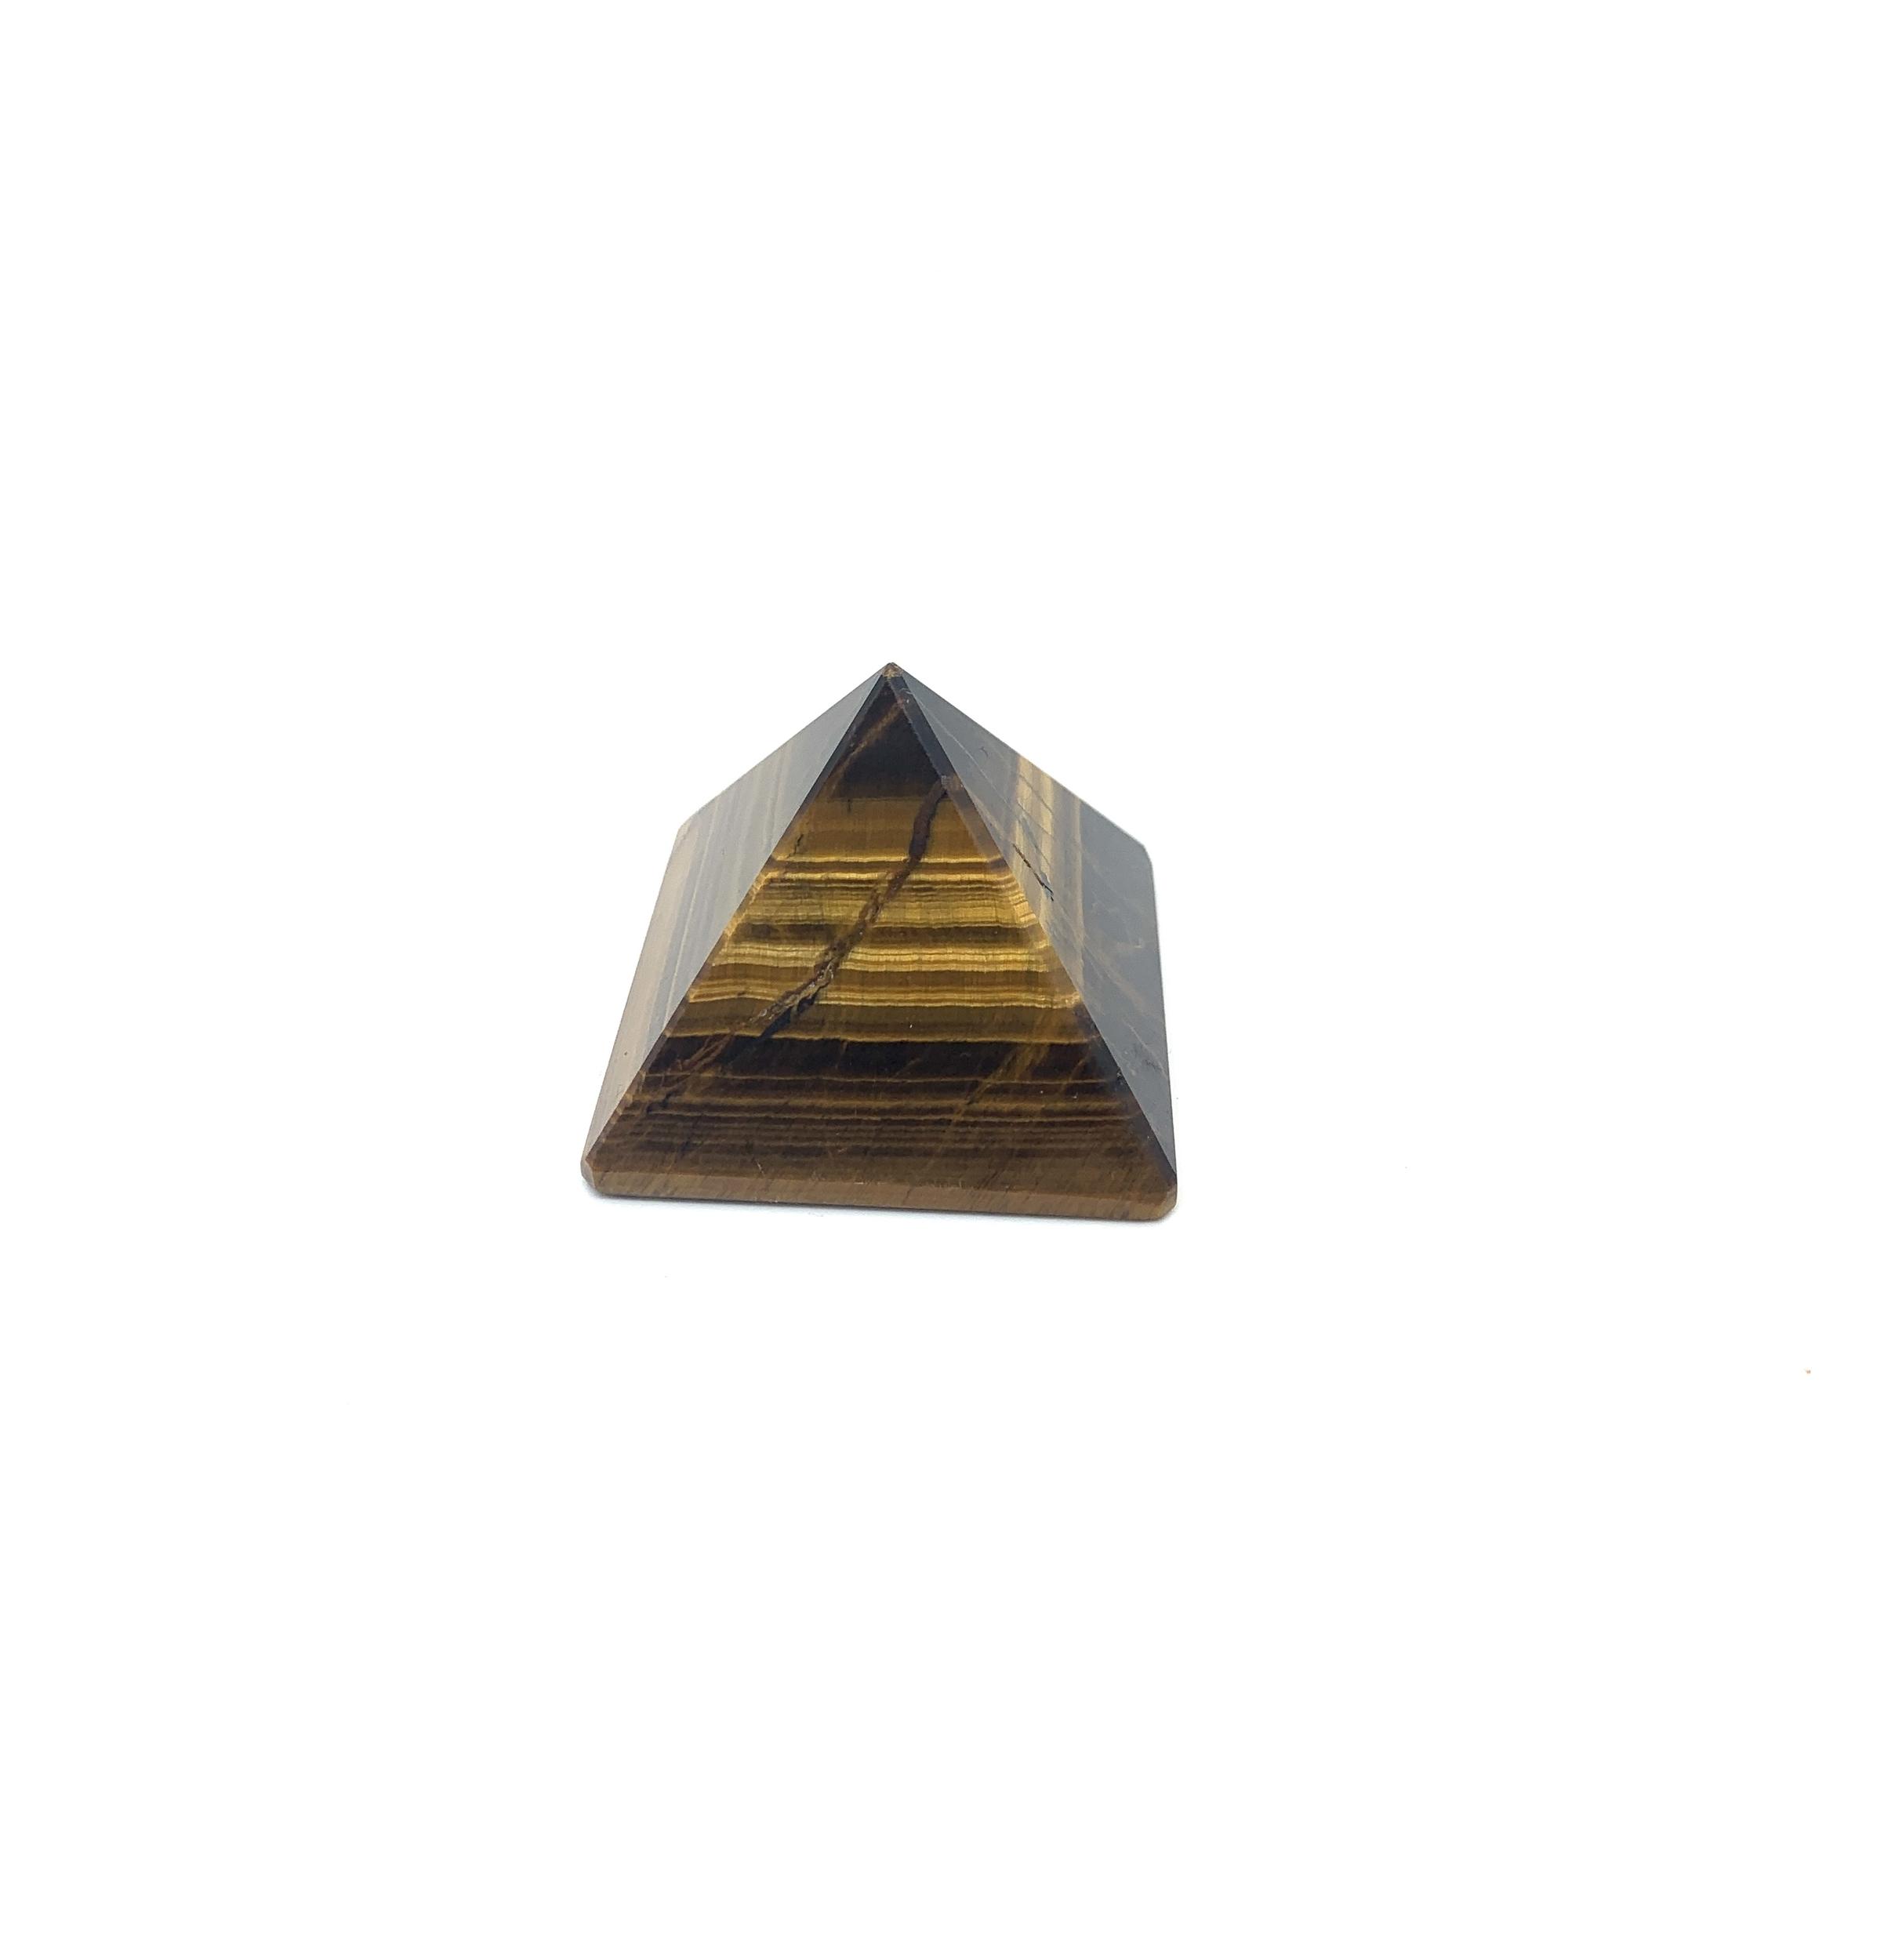 Pyramide oeil du tigre